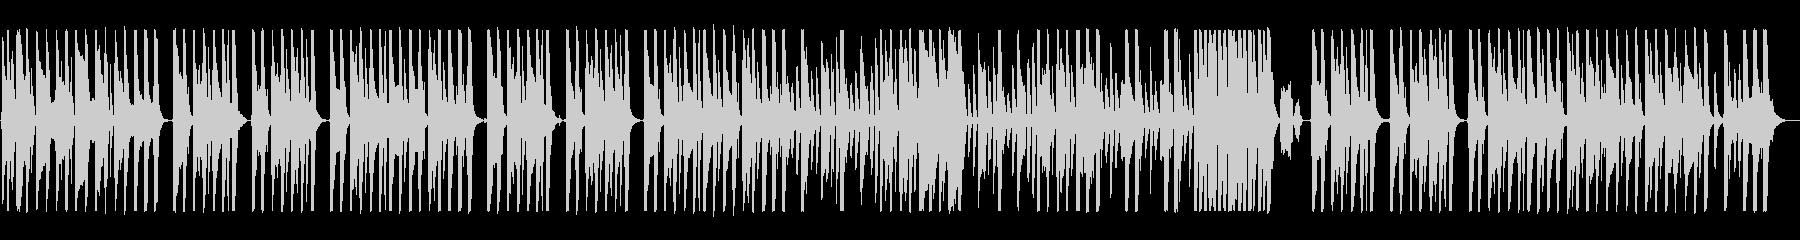 木琴混じりの明るい可愛いポップな曲の未再生の波形